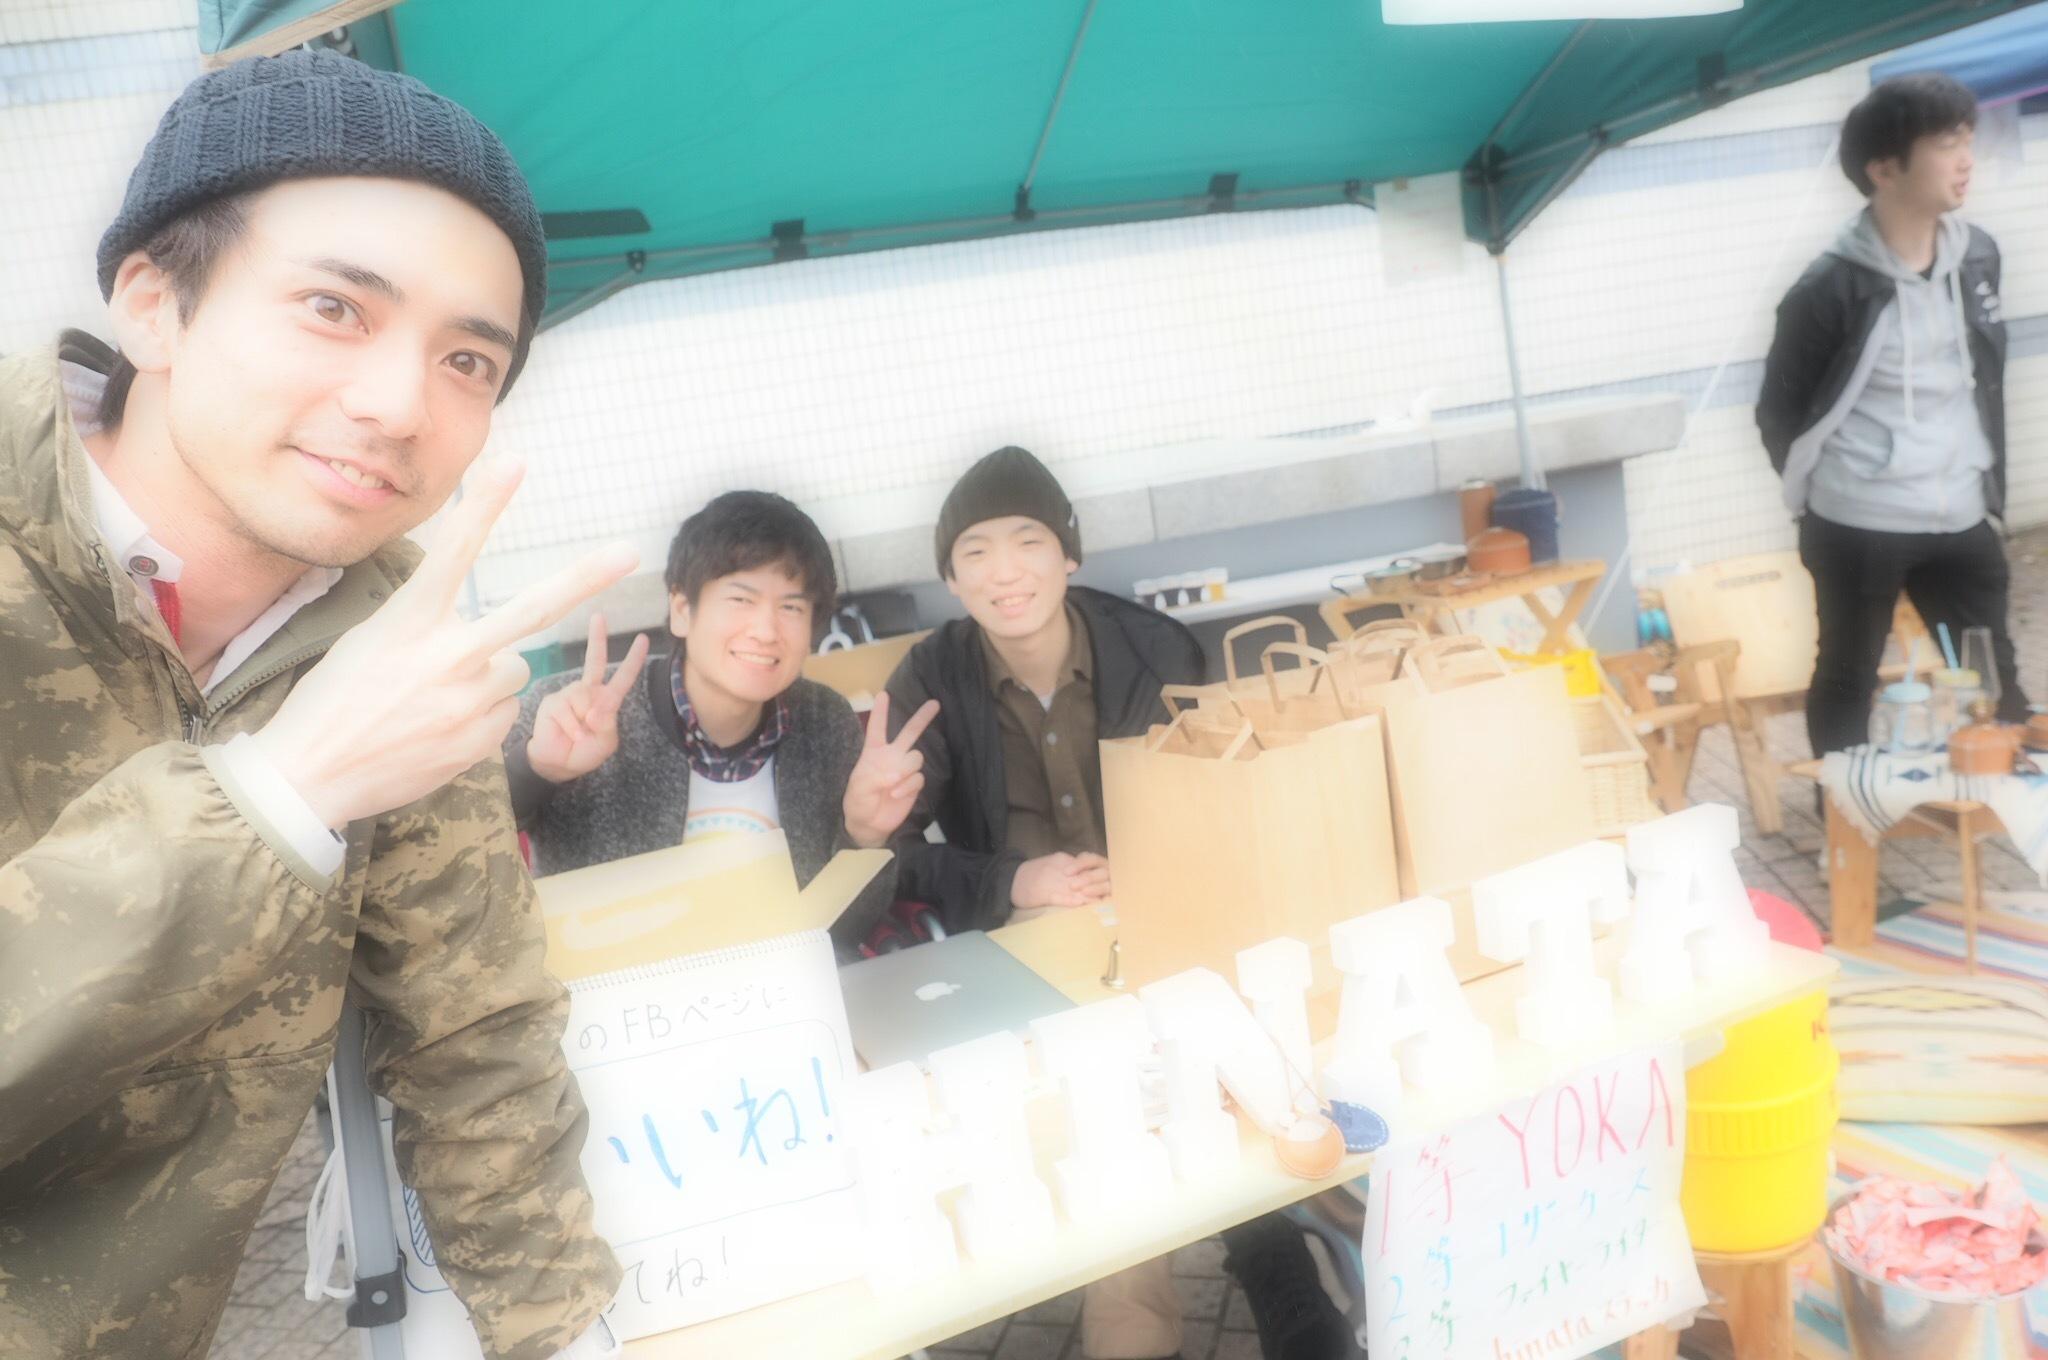 【Photo】アウトドアデイジャパン「笑顔」コレクション!_b0008655_21524090.jpg